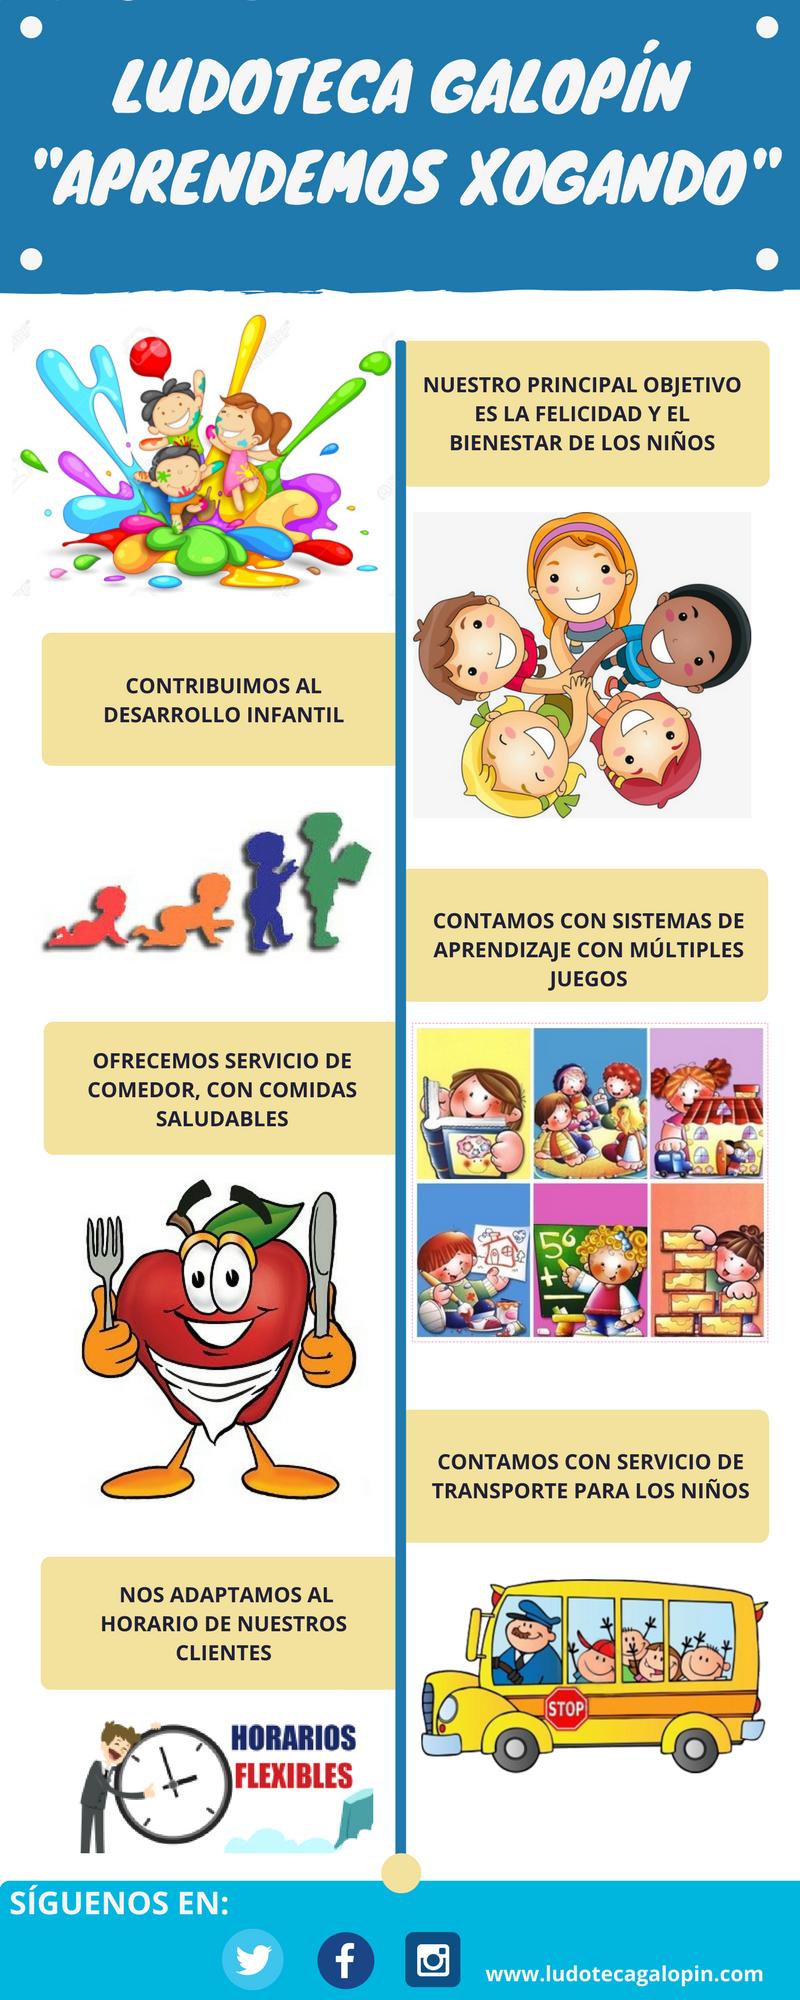 Servicios Que Ofrecemos Consejos Para Padres Desarrollo Infantil Aprendizaje